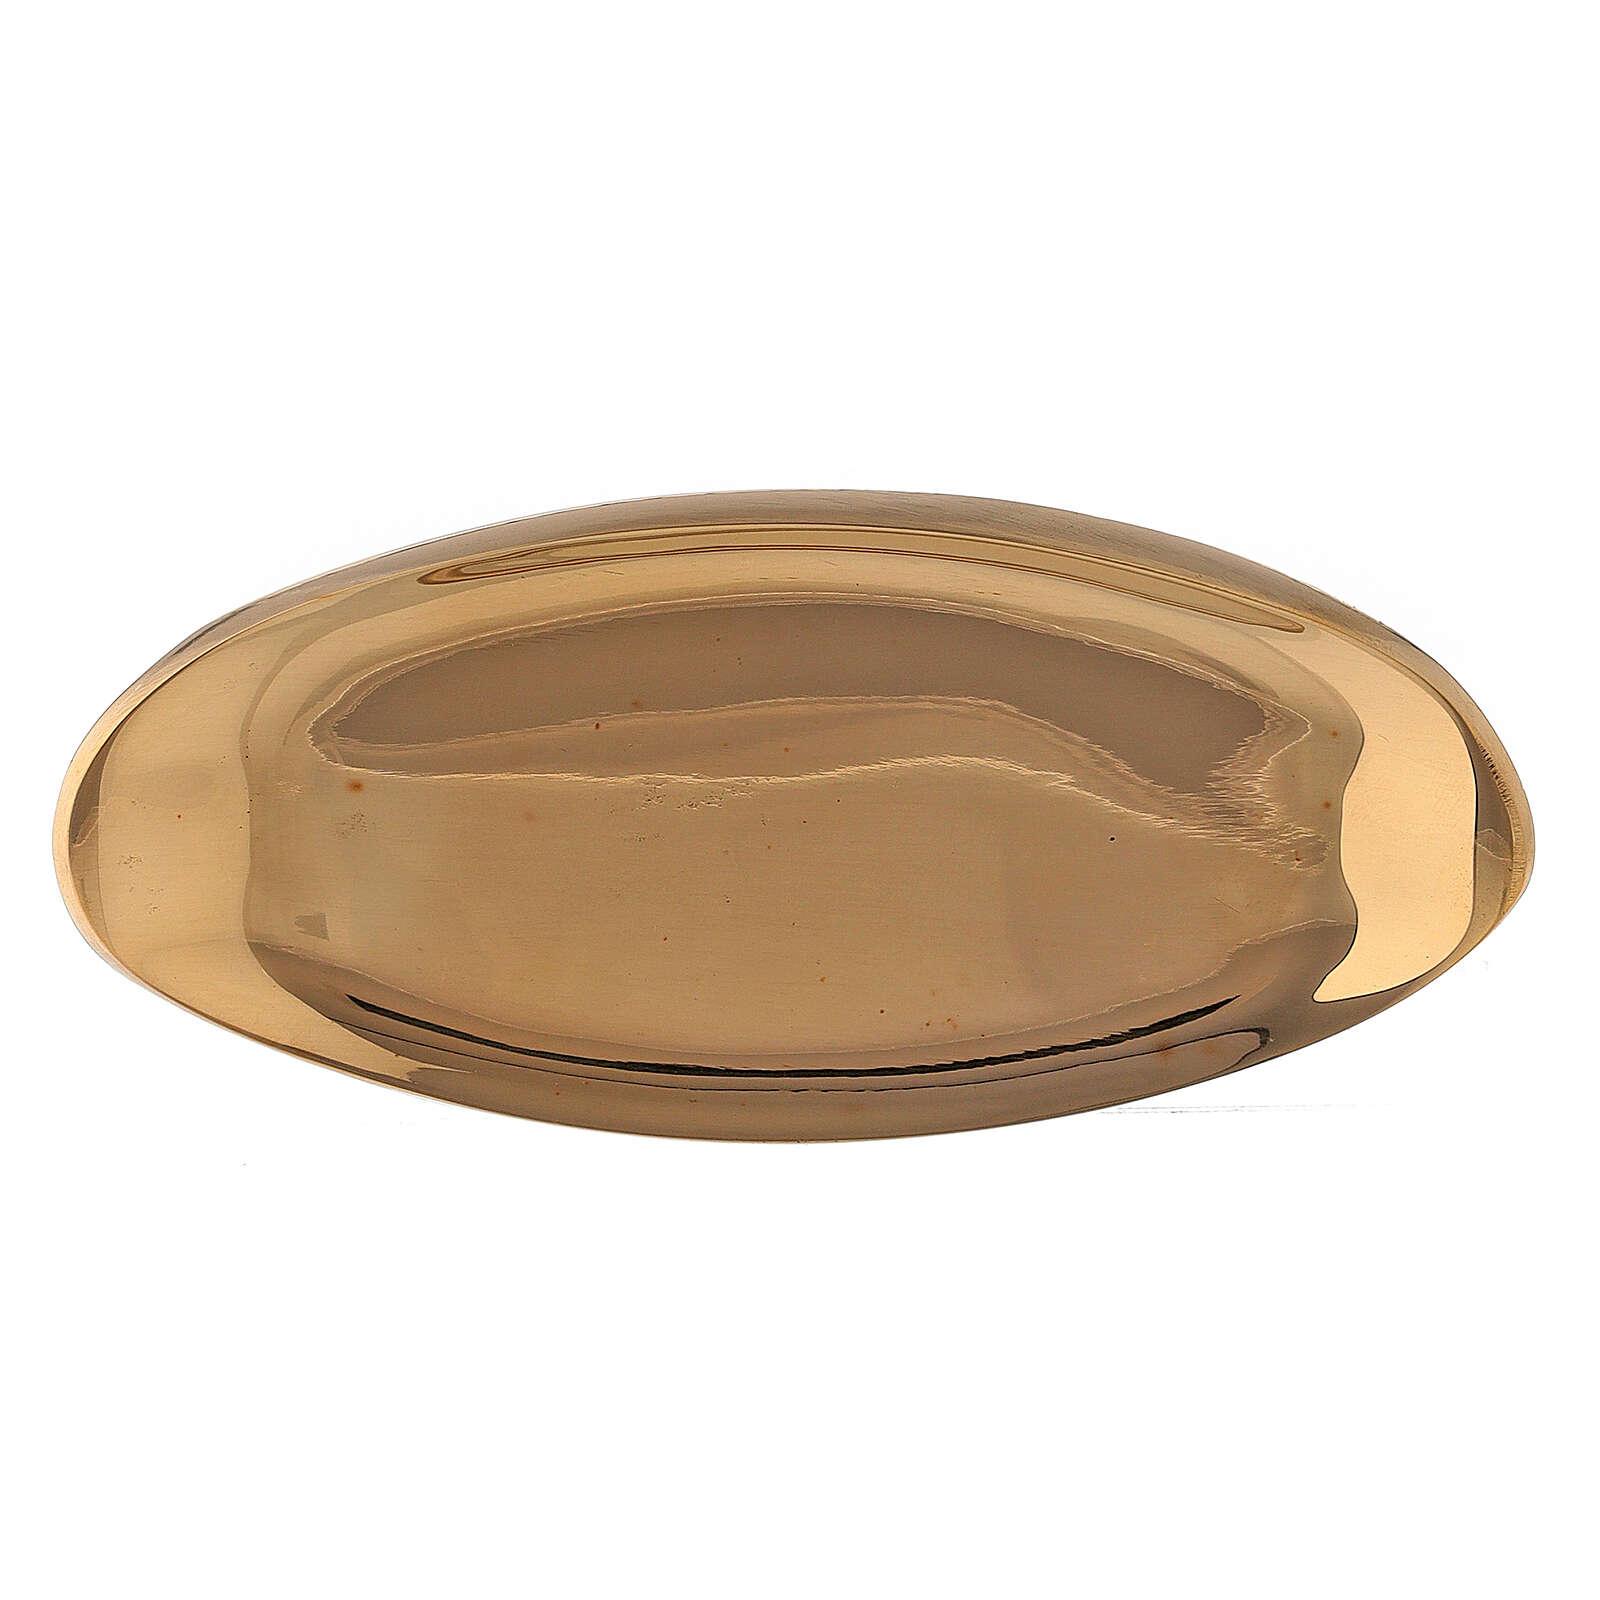 Plato portavela latón dorado lúcido barco 9x4 cm 3